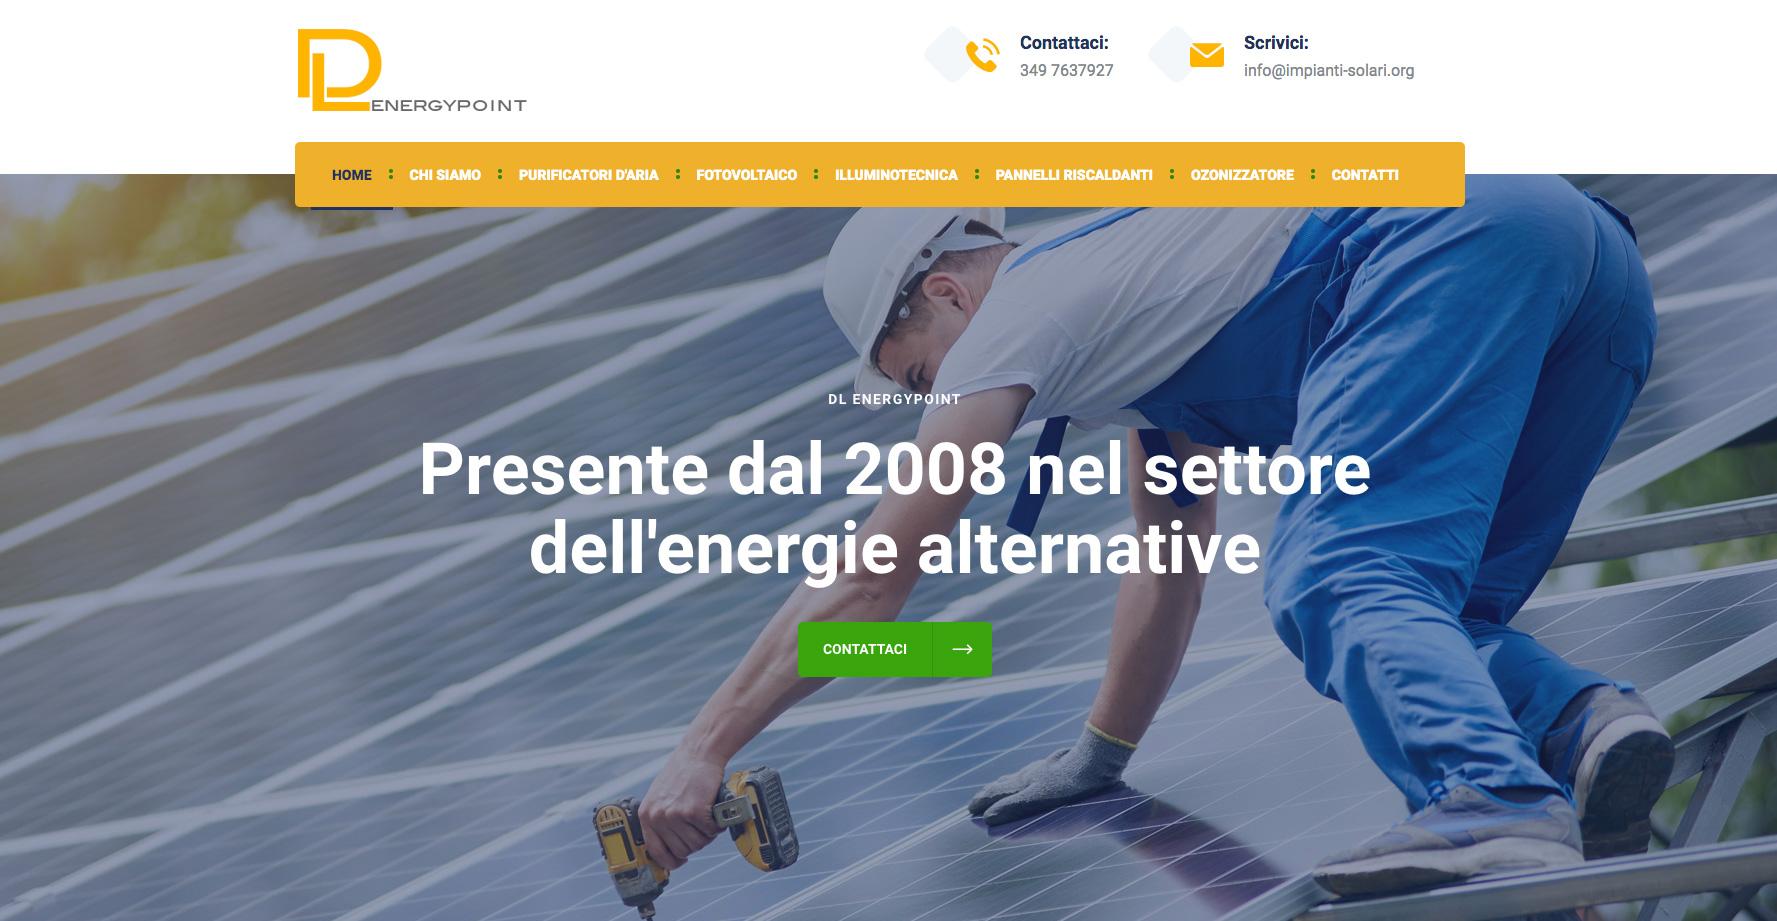 Creazione Sito Web per Azienda di Impianti Solari Torino